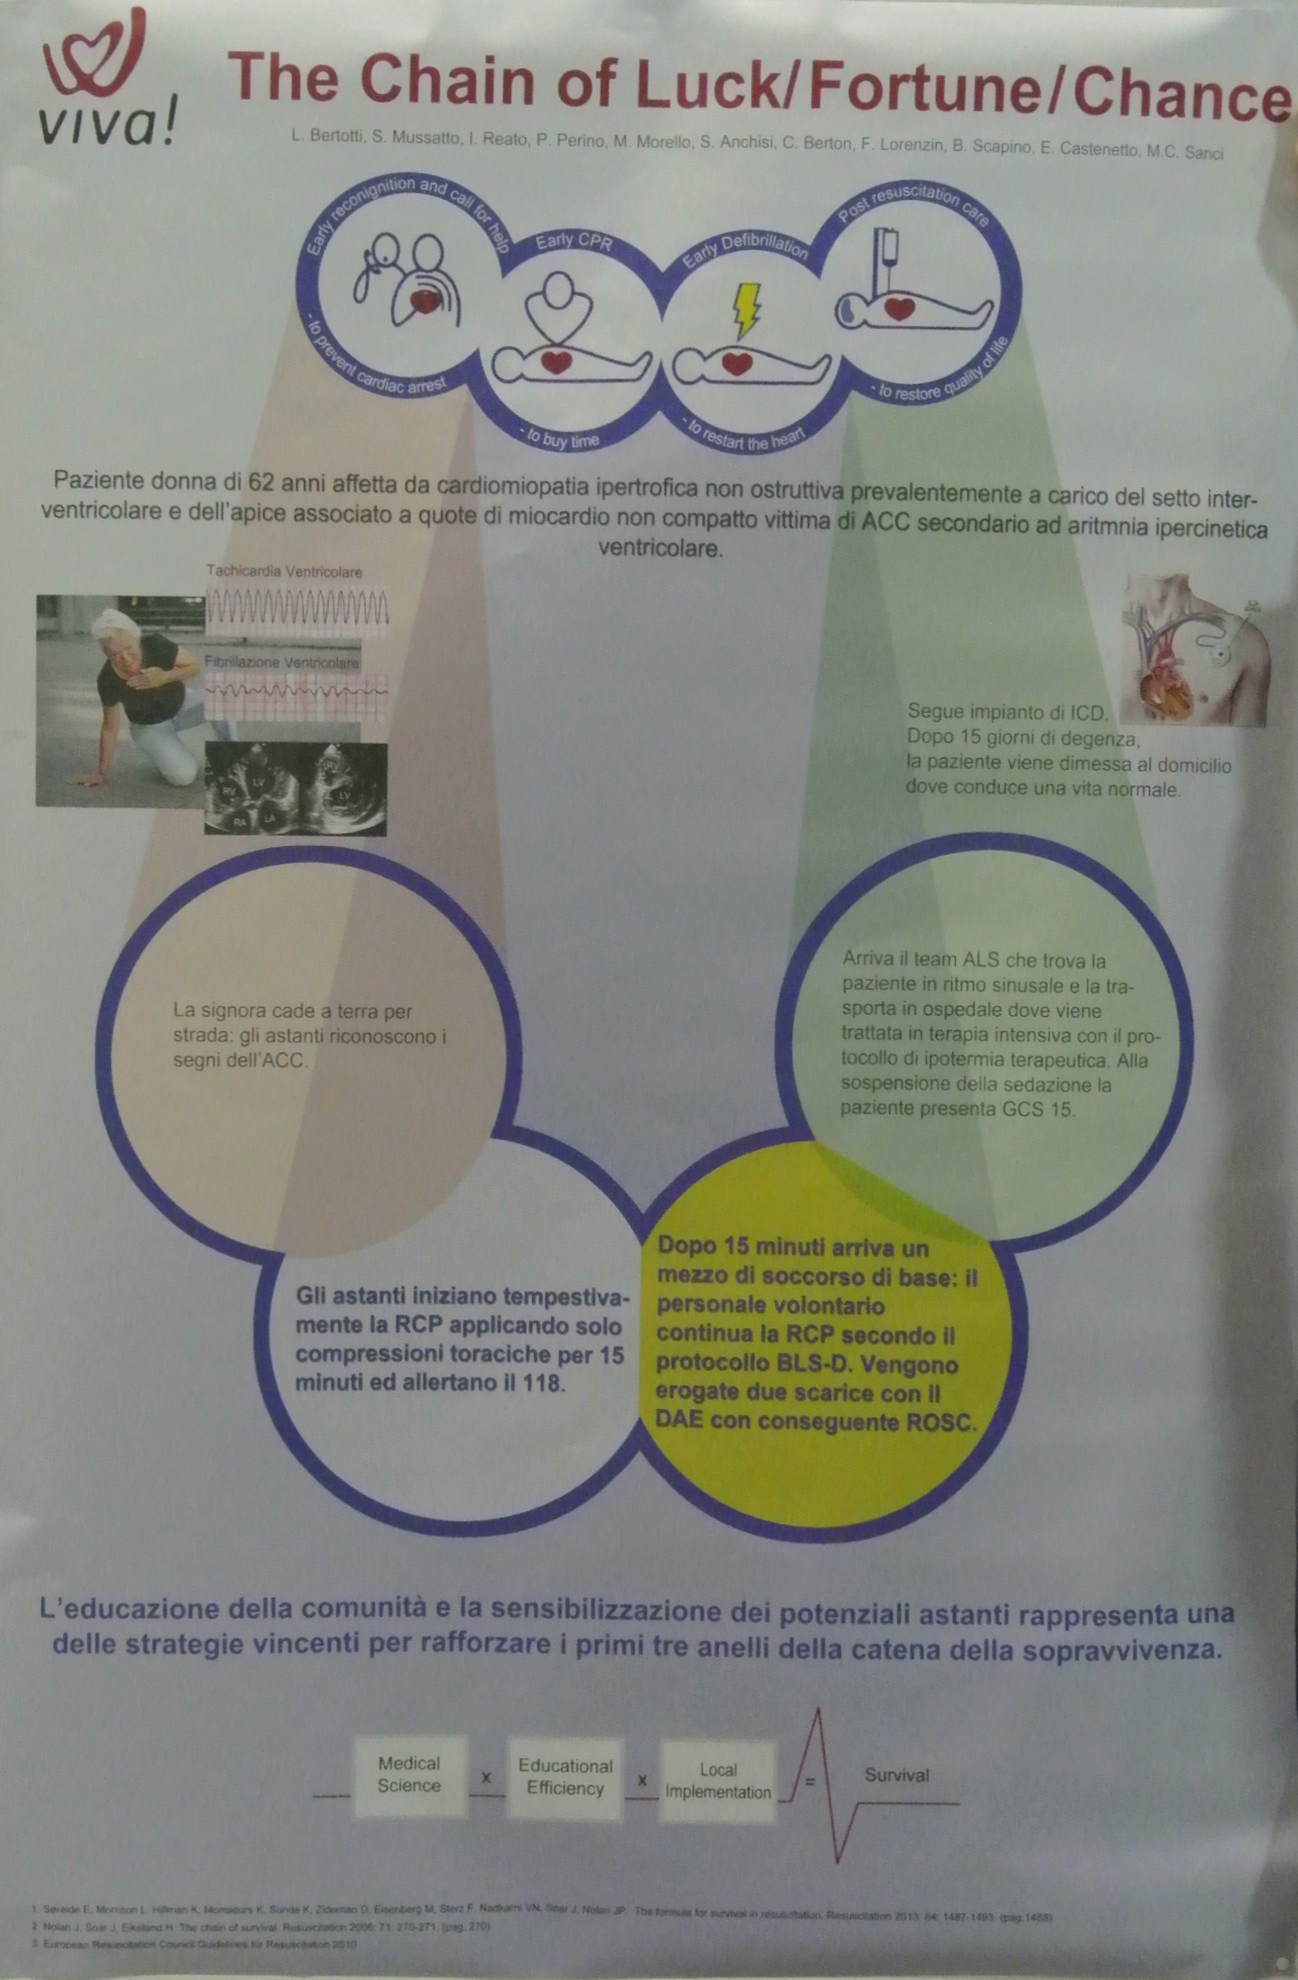 16-chain-fortune-mussatto-reato-perino-morello-anchisi-berton-lorenzin-scarpino-castenetto-sanci